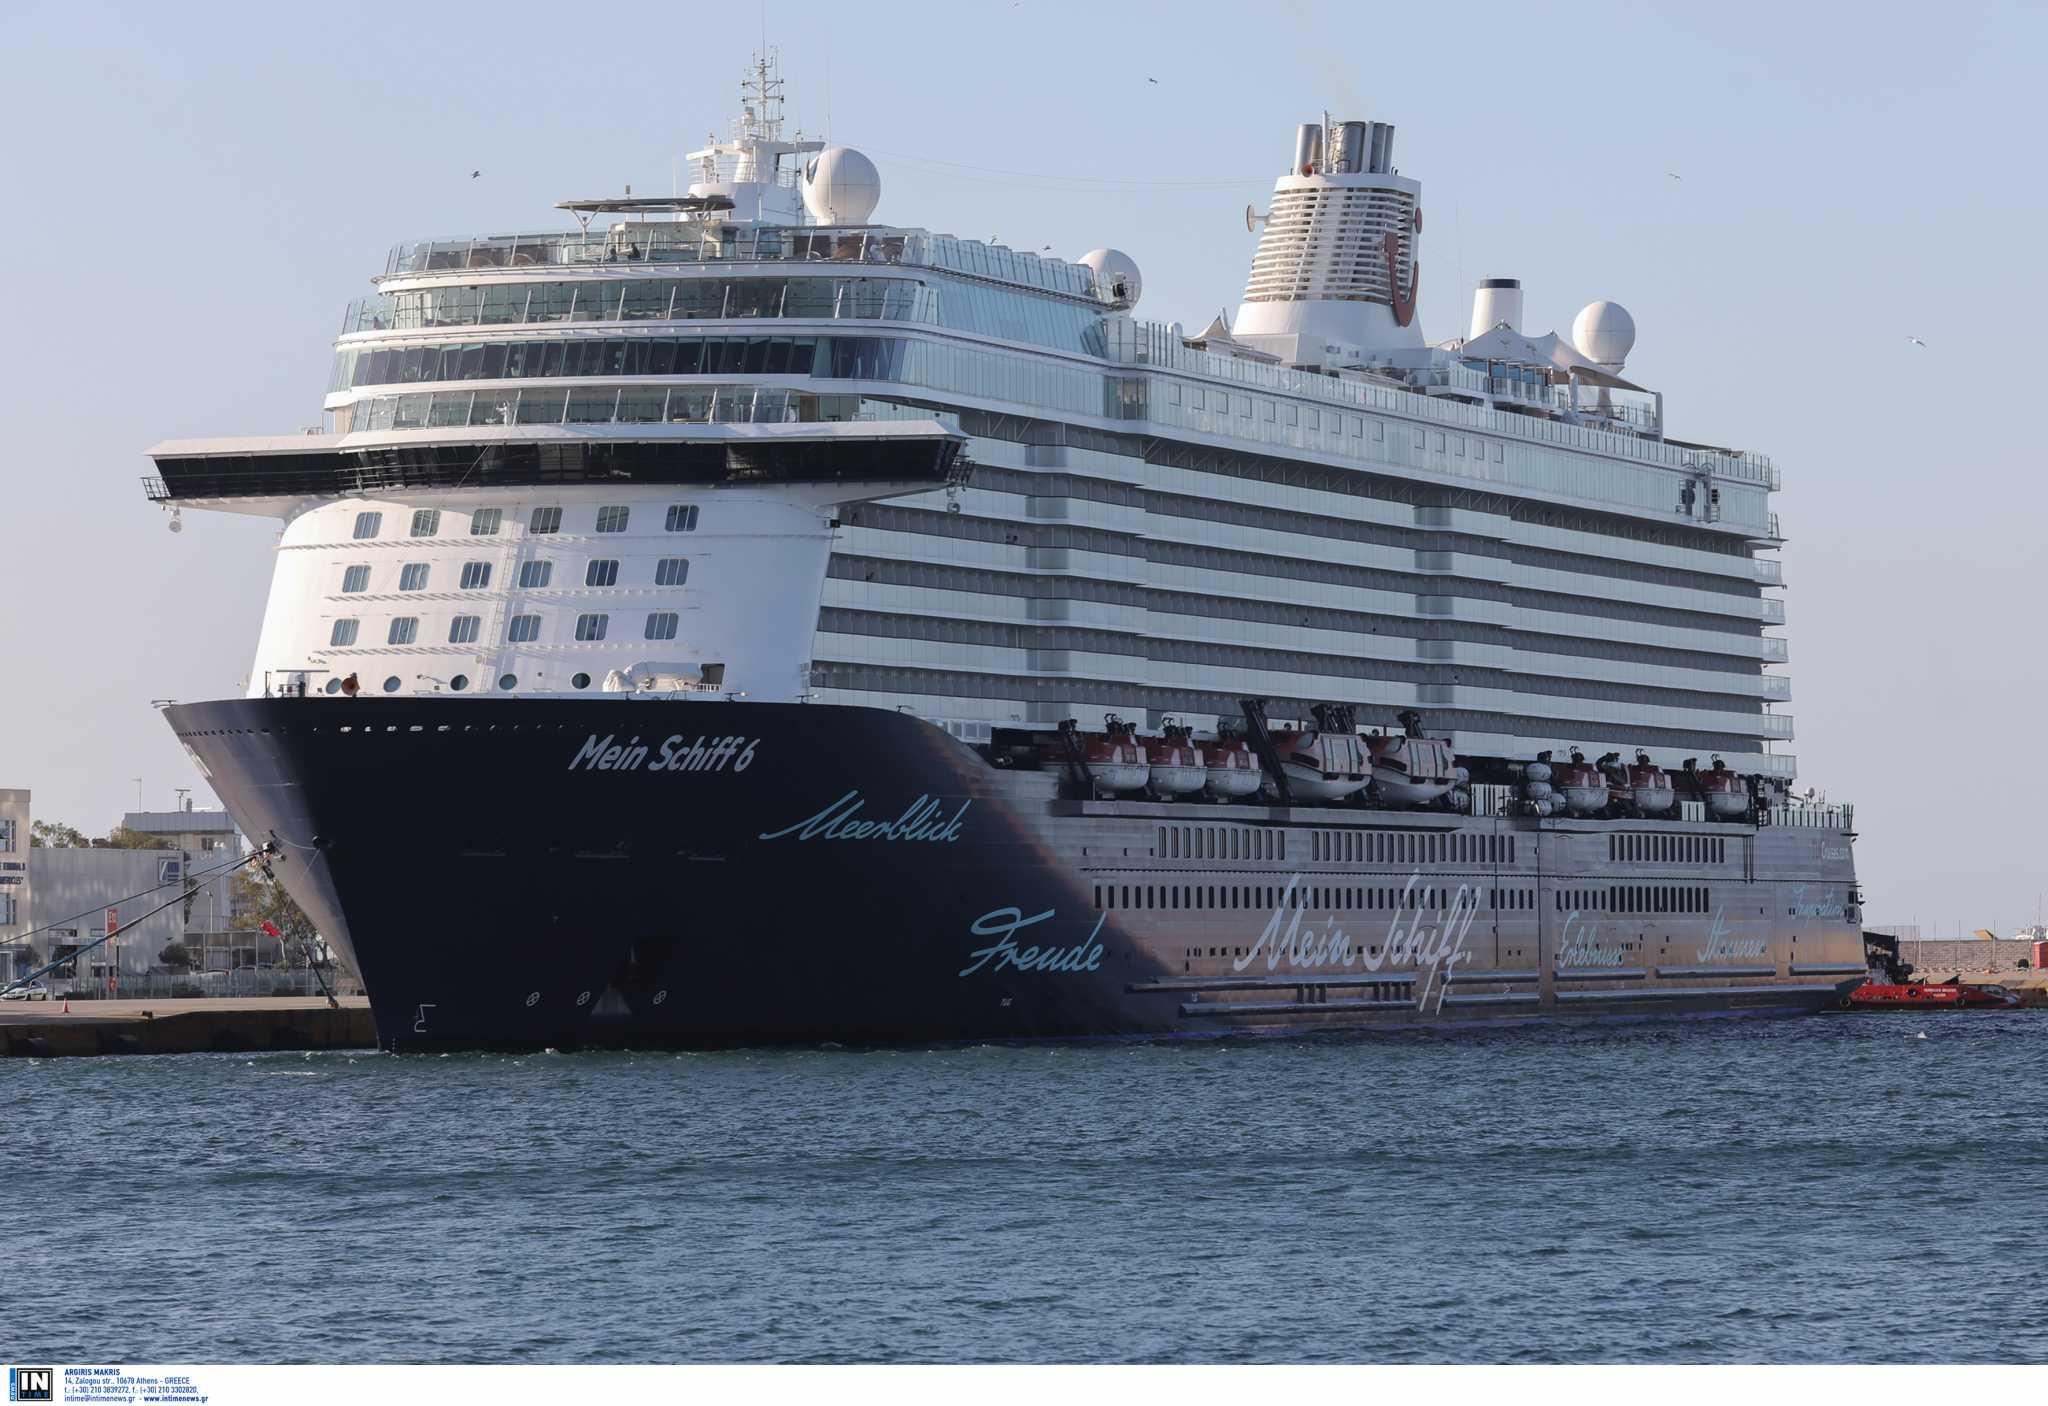 Χανιά: Κρουαζιερόπλοια έφεραν πάνω από 2.000 τουρίστες στη Σούδα – Άνεμος και χαμόγελα αισιοδοξίας